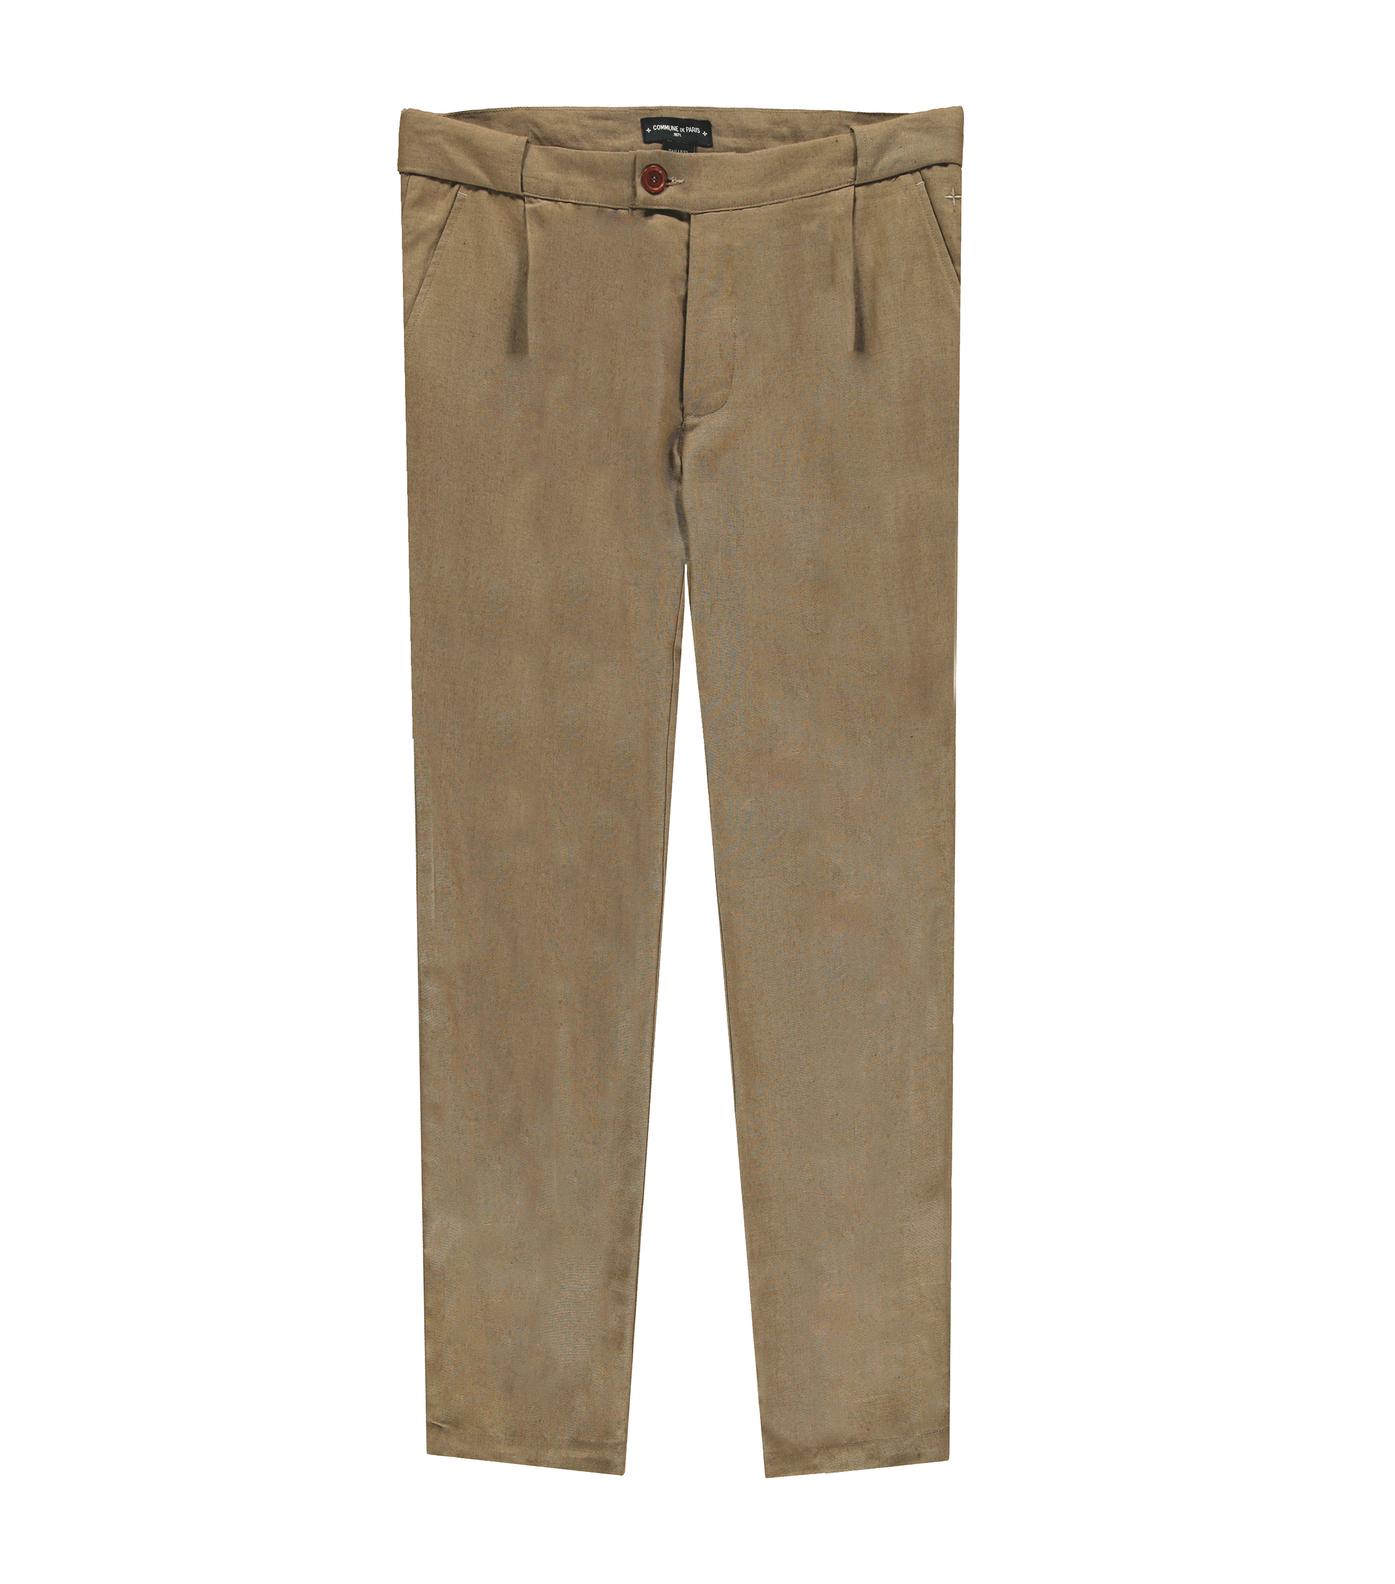 Pants GN8 - Camel